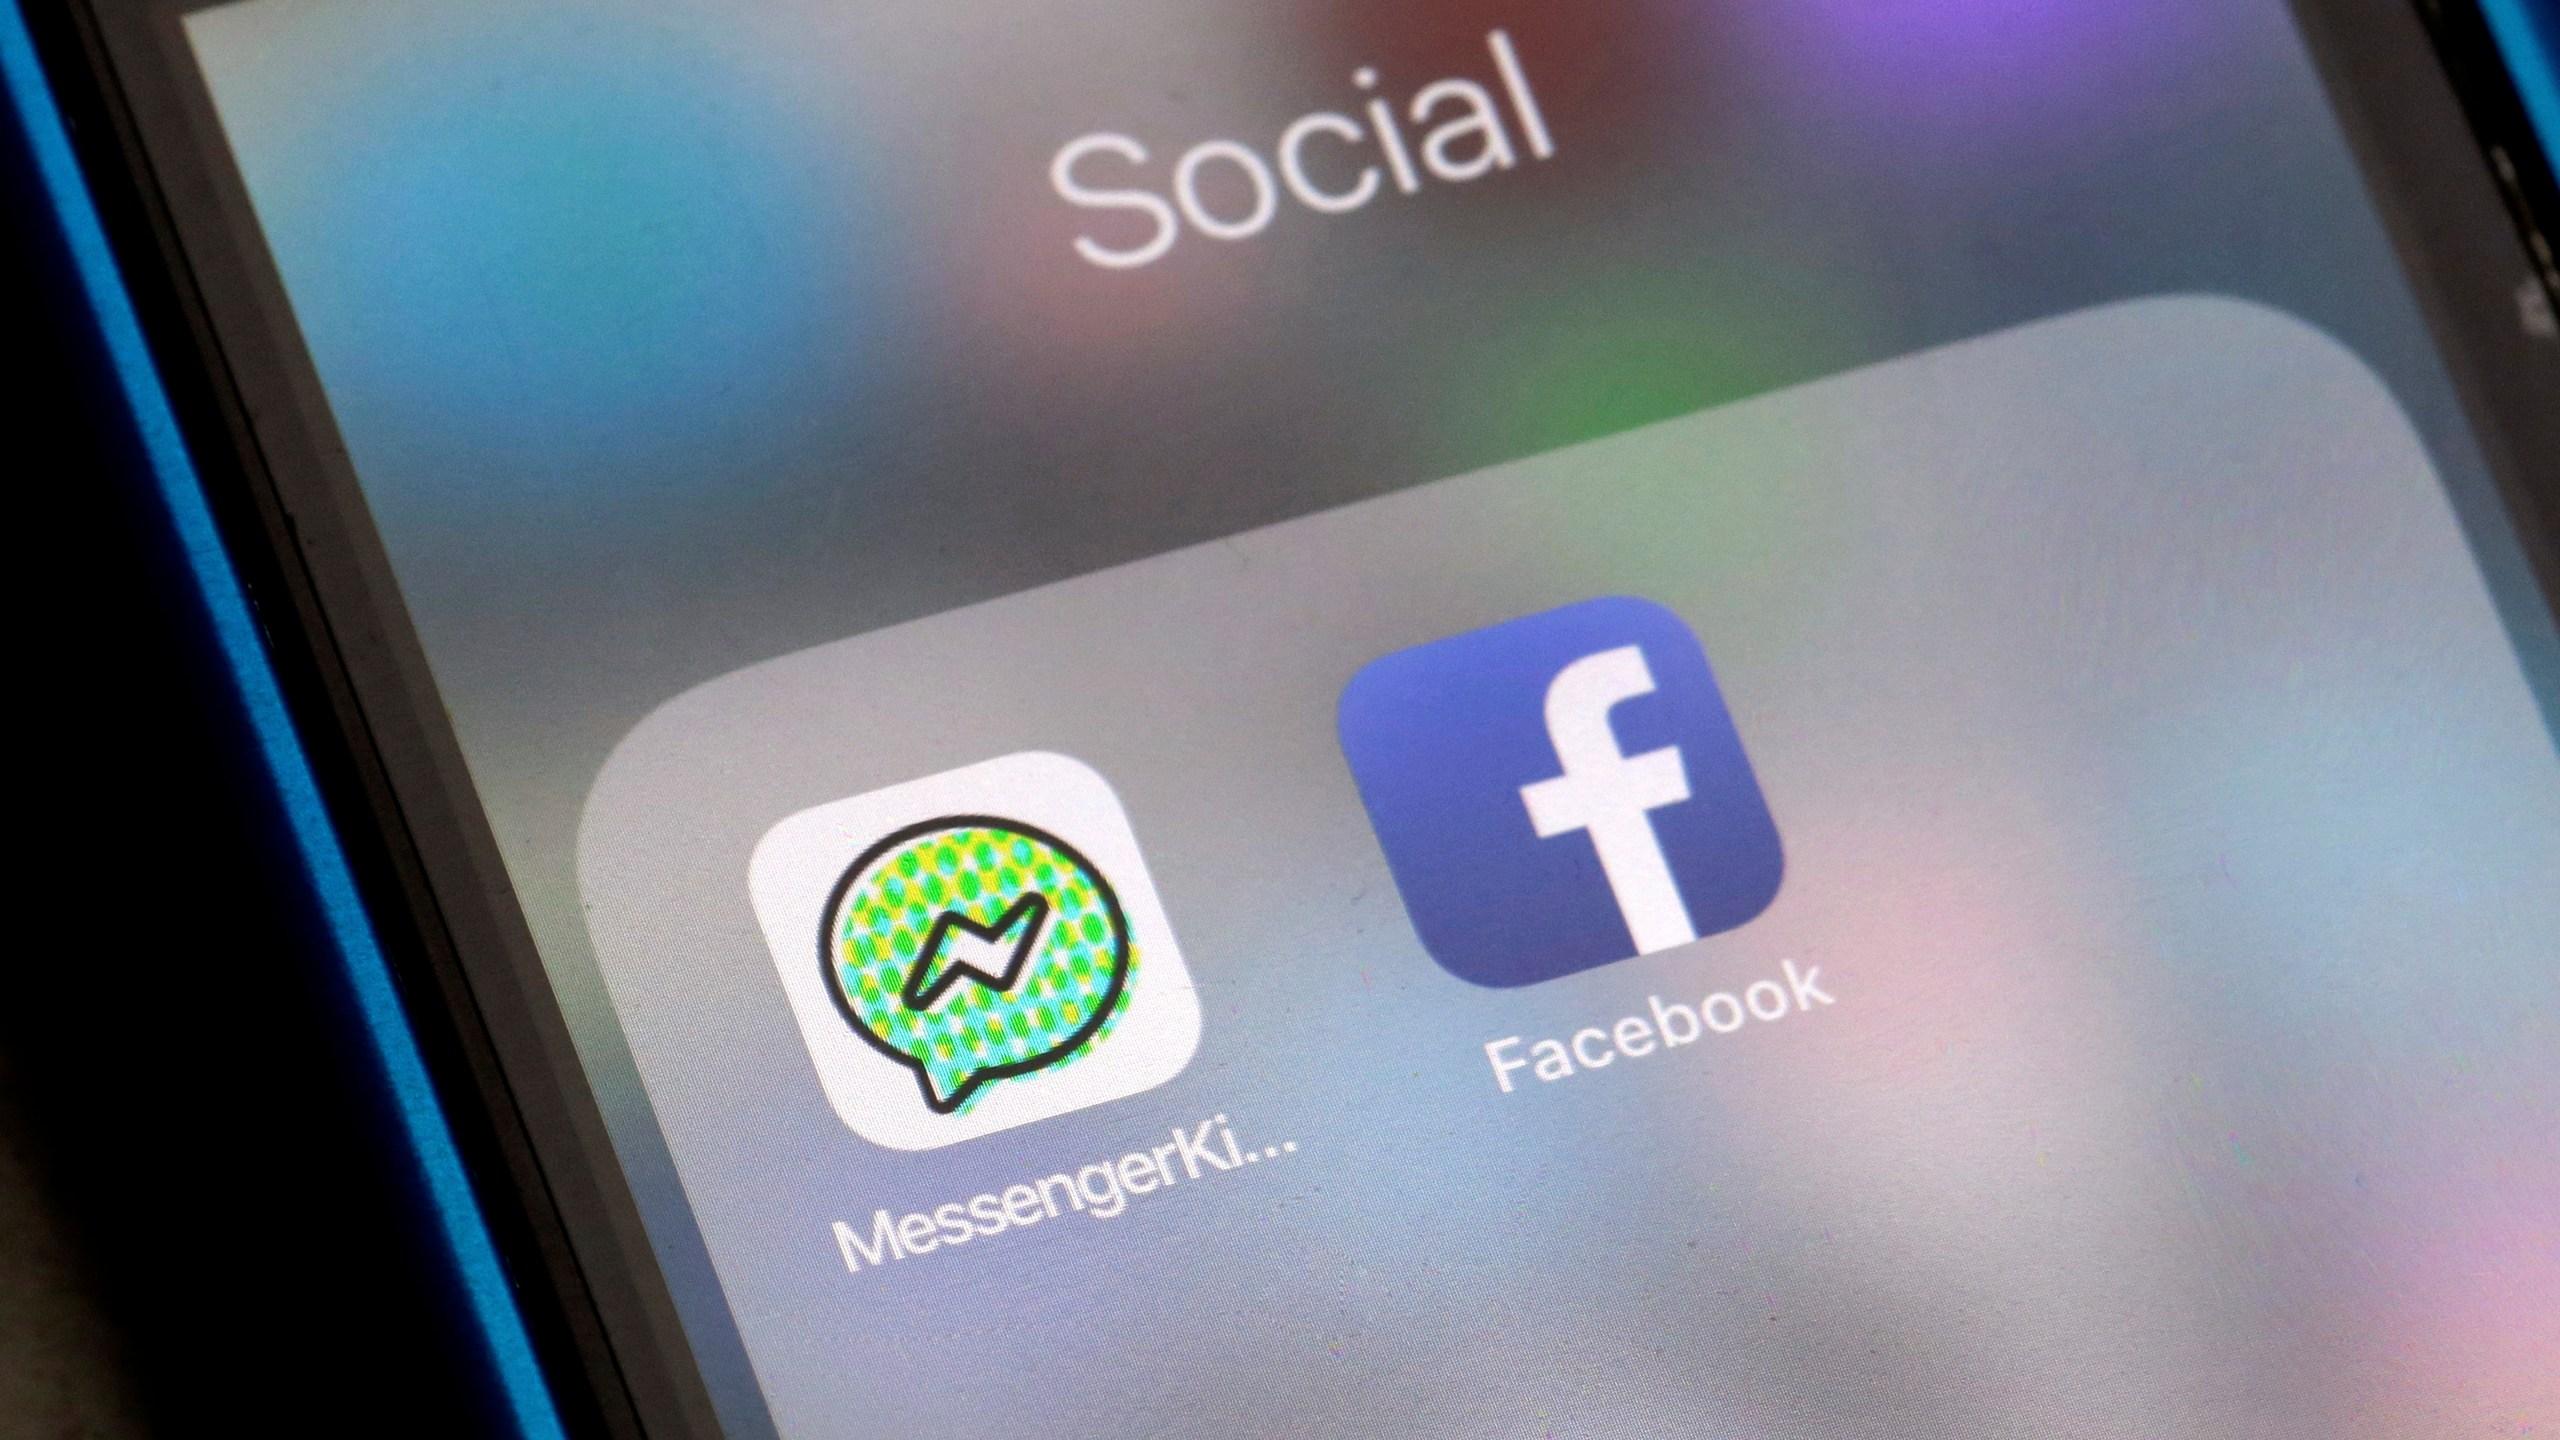 Facebook_Messenger_Kids_Complaint_00460-159532-159532.jpg79435681